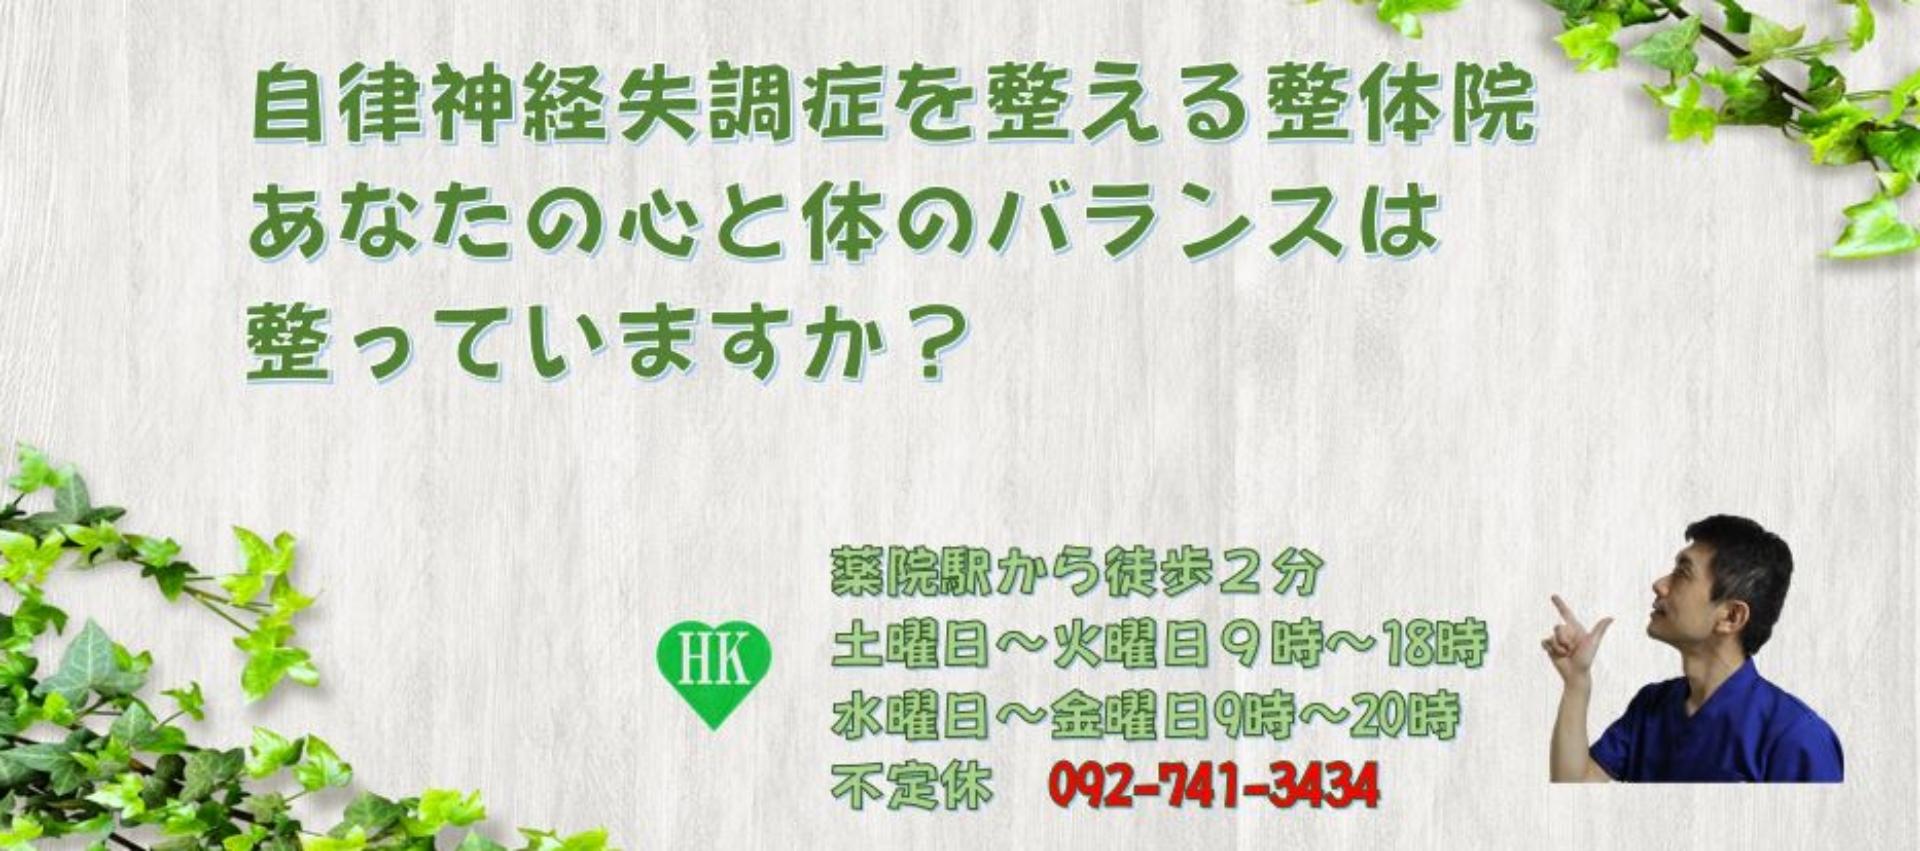 福岡薬院 自律神経を整える ハートカイロ整体院